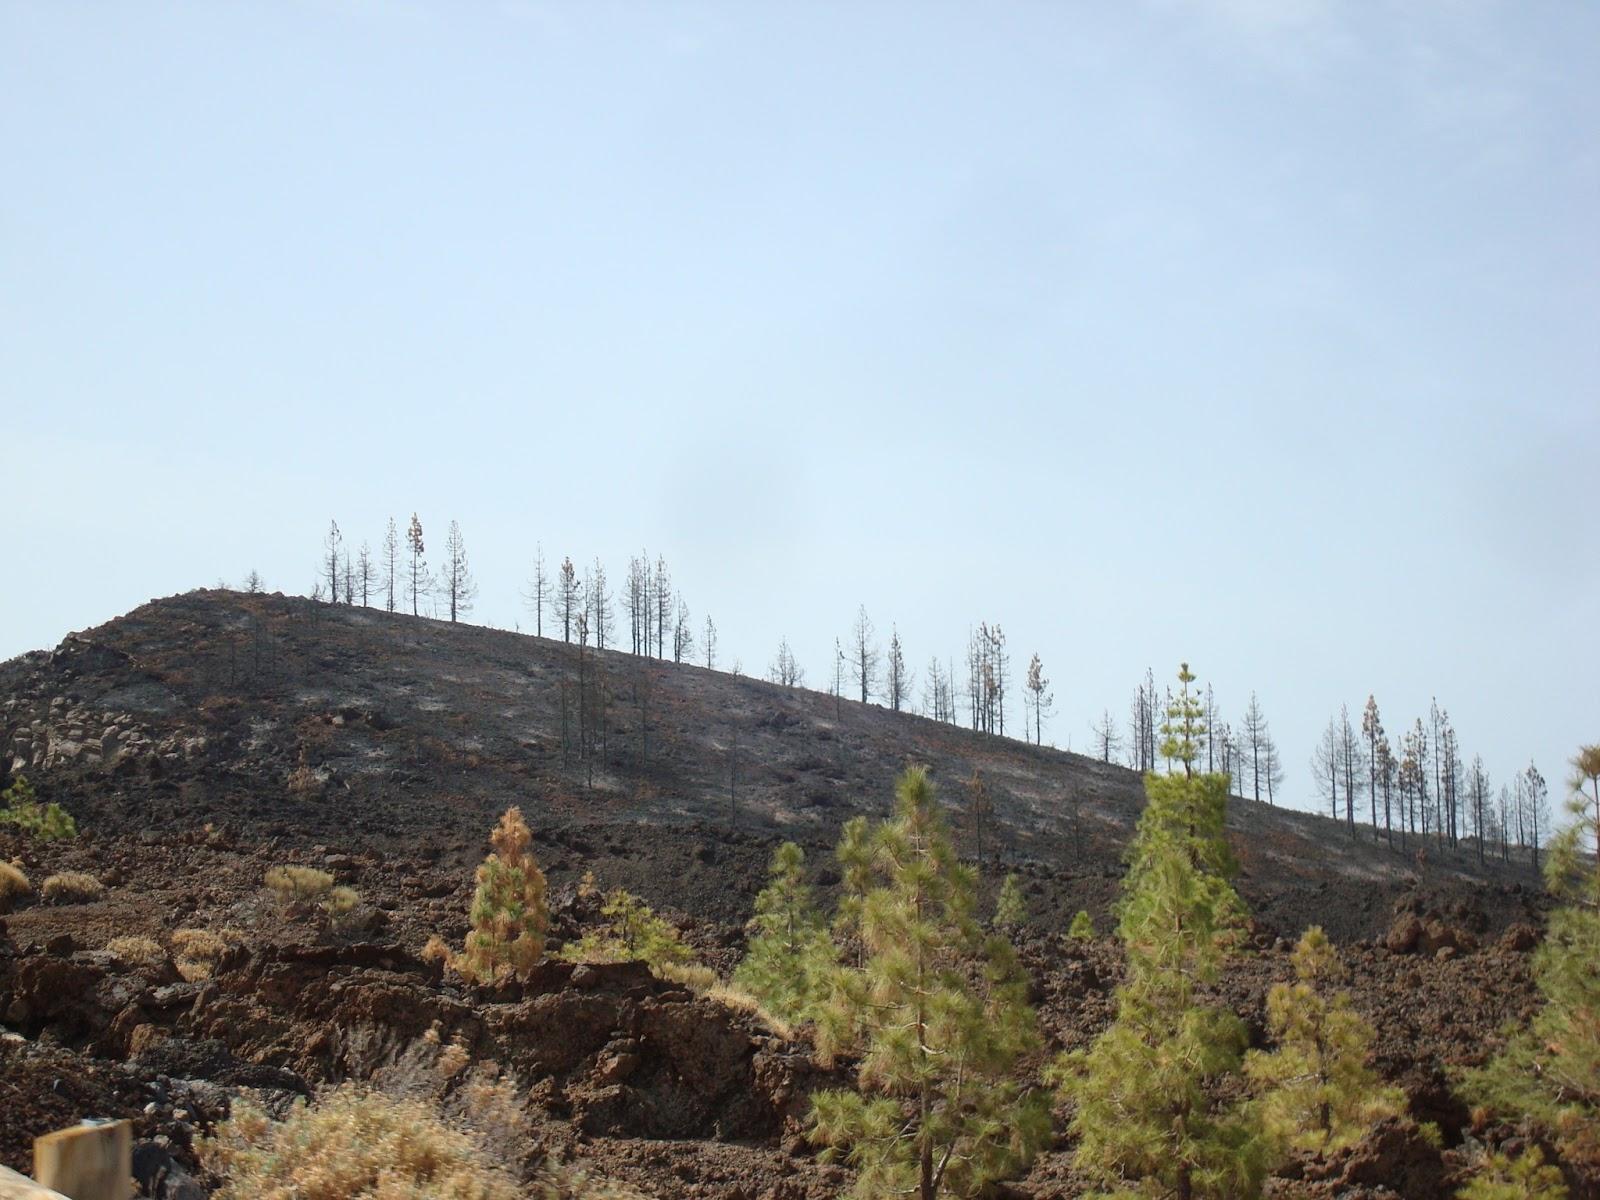 Imagen de un bosque incendiado con necesidad de restauración hidrológica-forestal